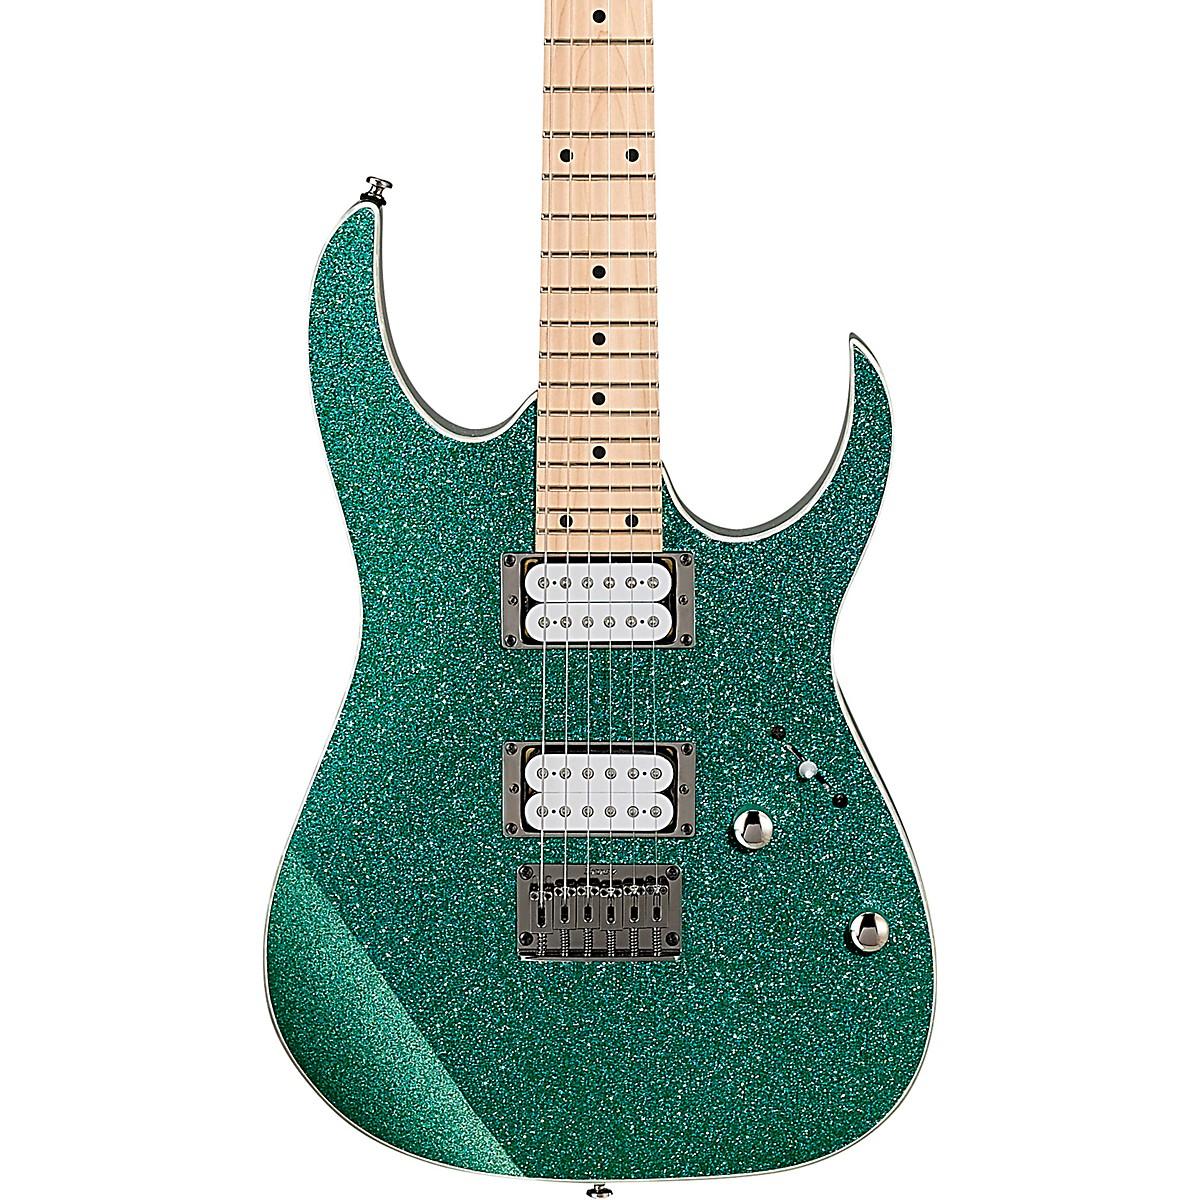 Ibanez Ibanez RG421MSP RG Series Electric Guitar